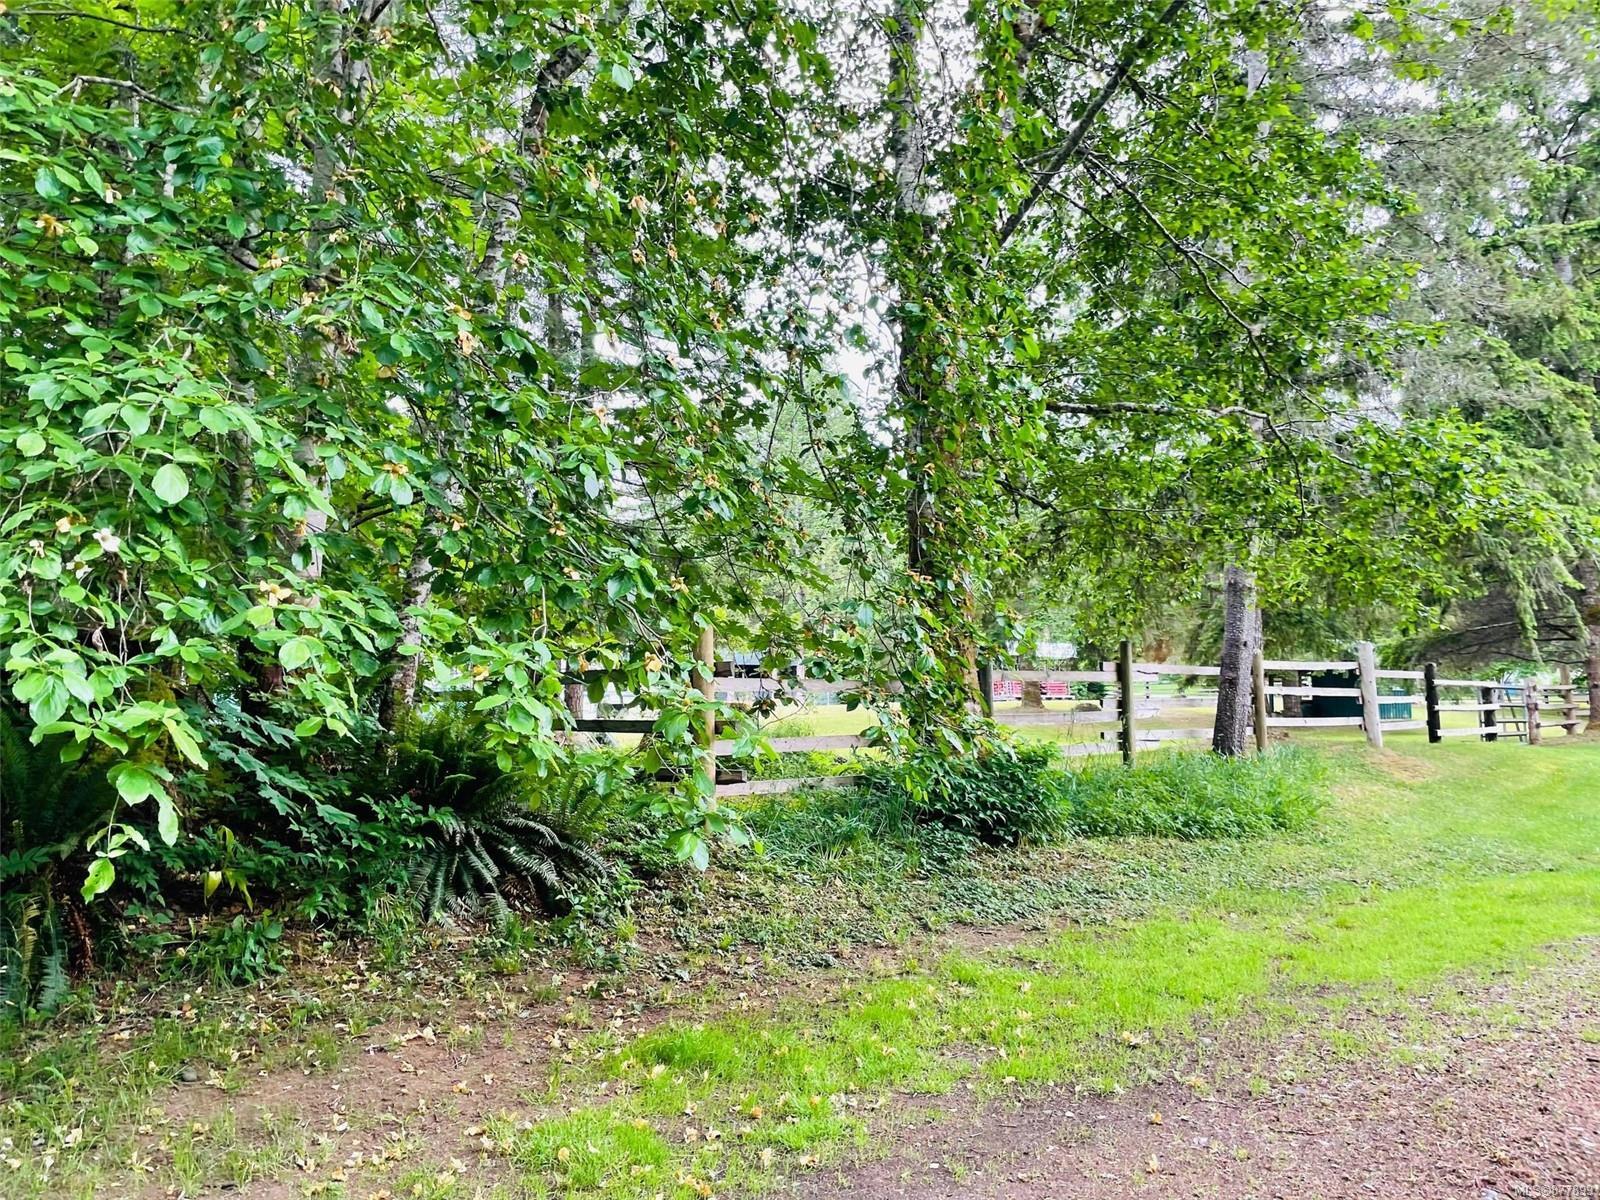 3736 James Crescent, Merville Black Creek, Comox Valley photo number 2